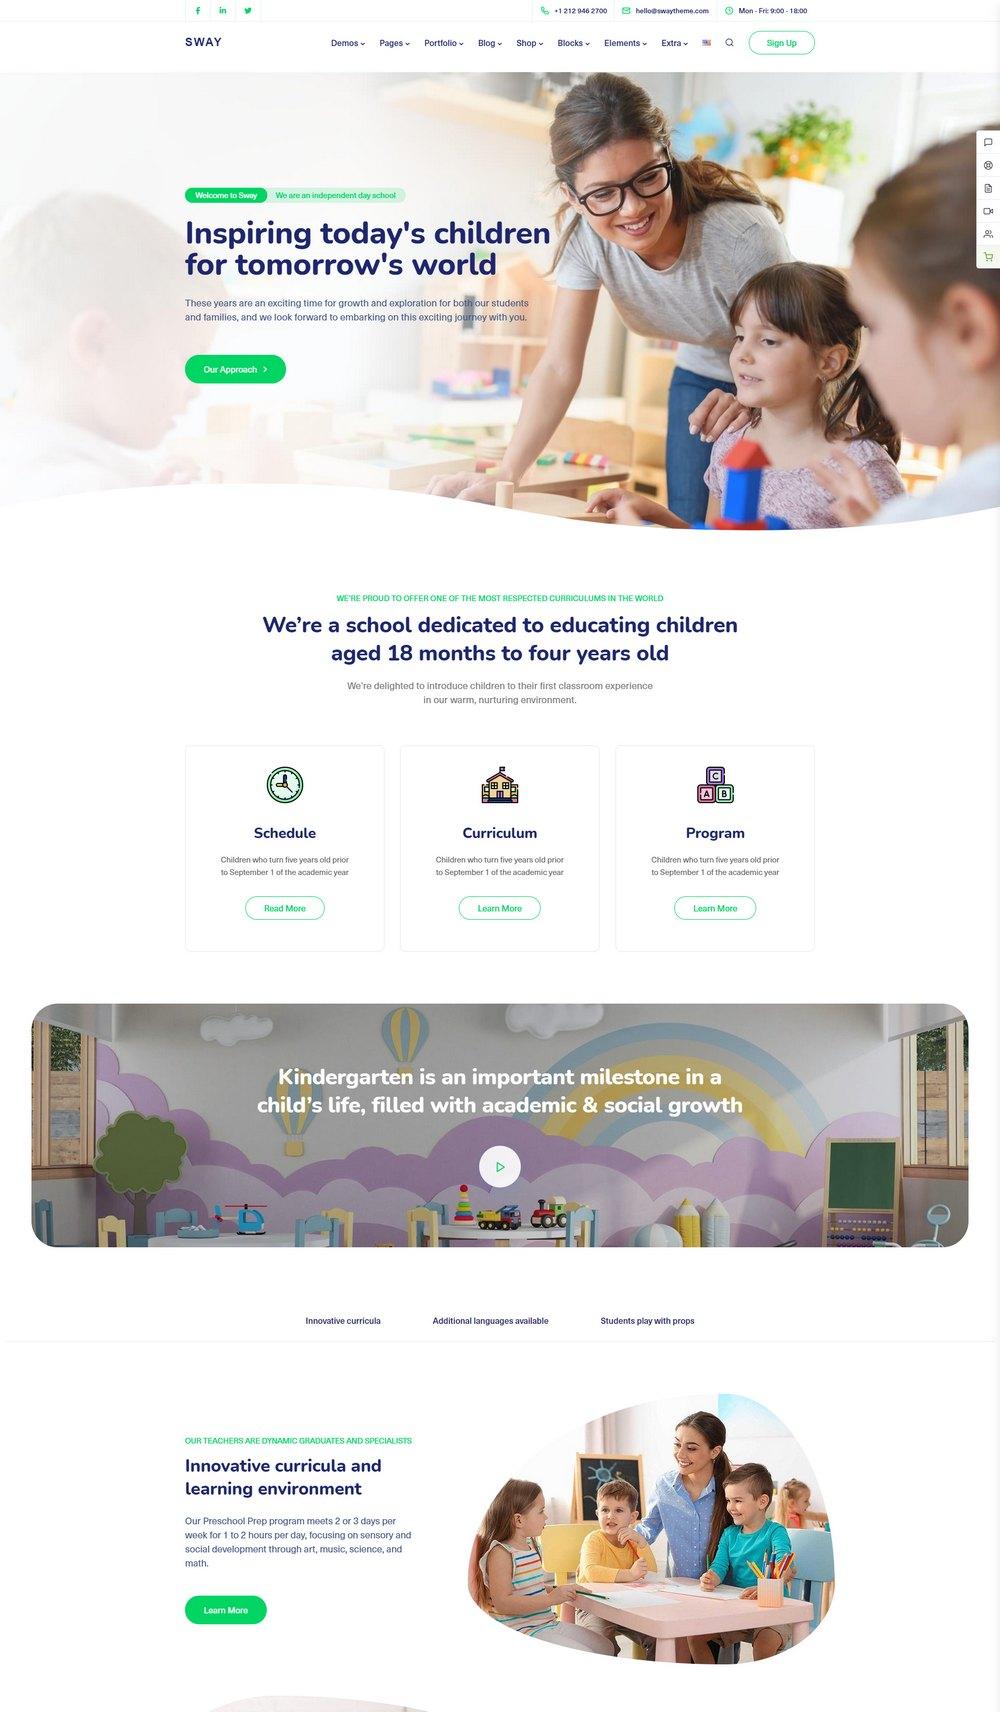 swaytheme-kindergarten-wp-theme